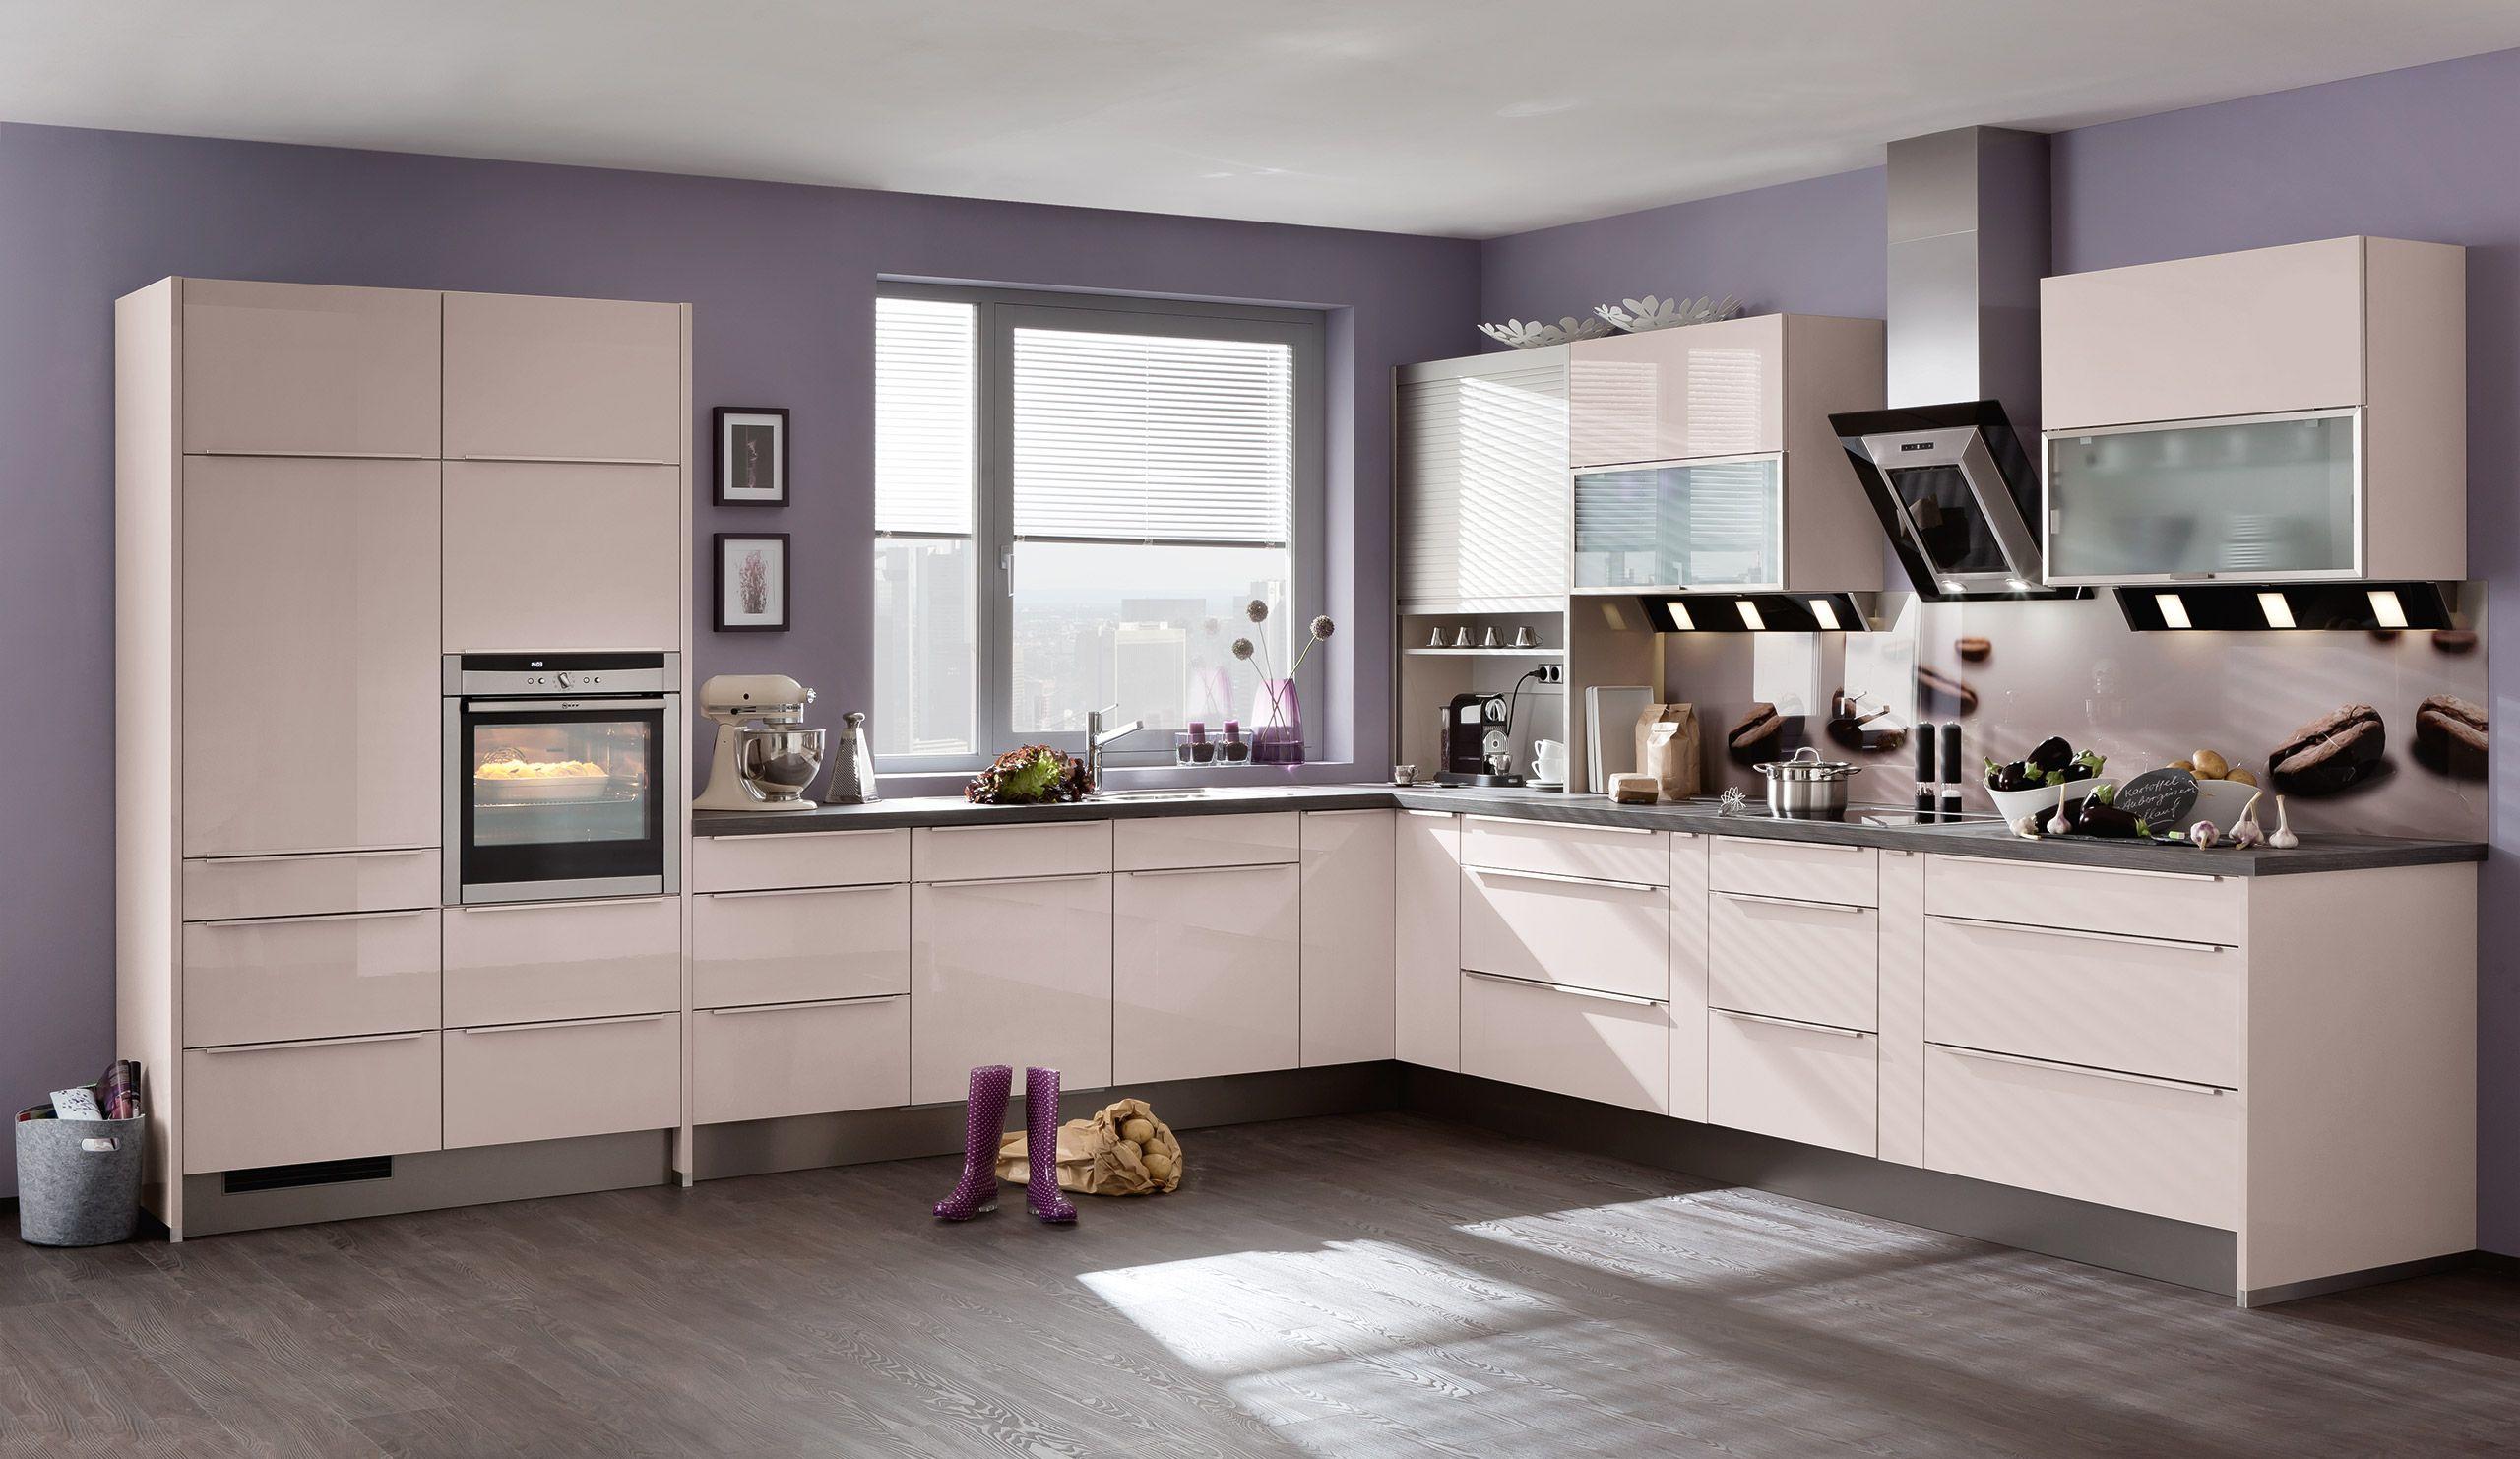 Einbauküche Vila Kaschmir Hochglanz Einbauküche, Küchen